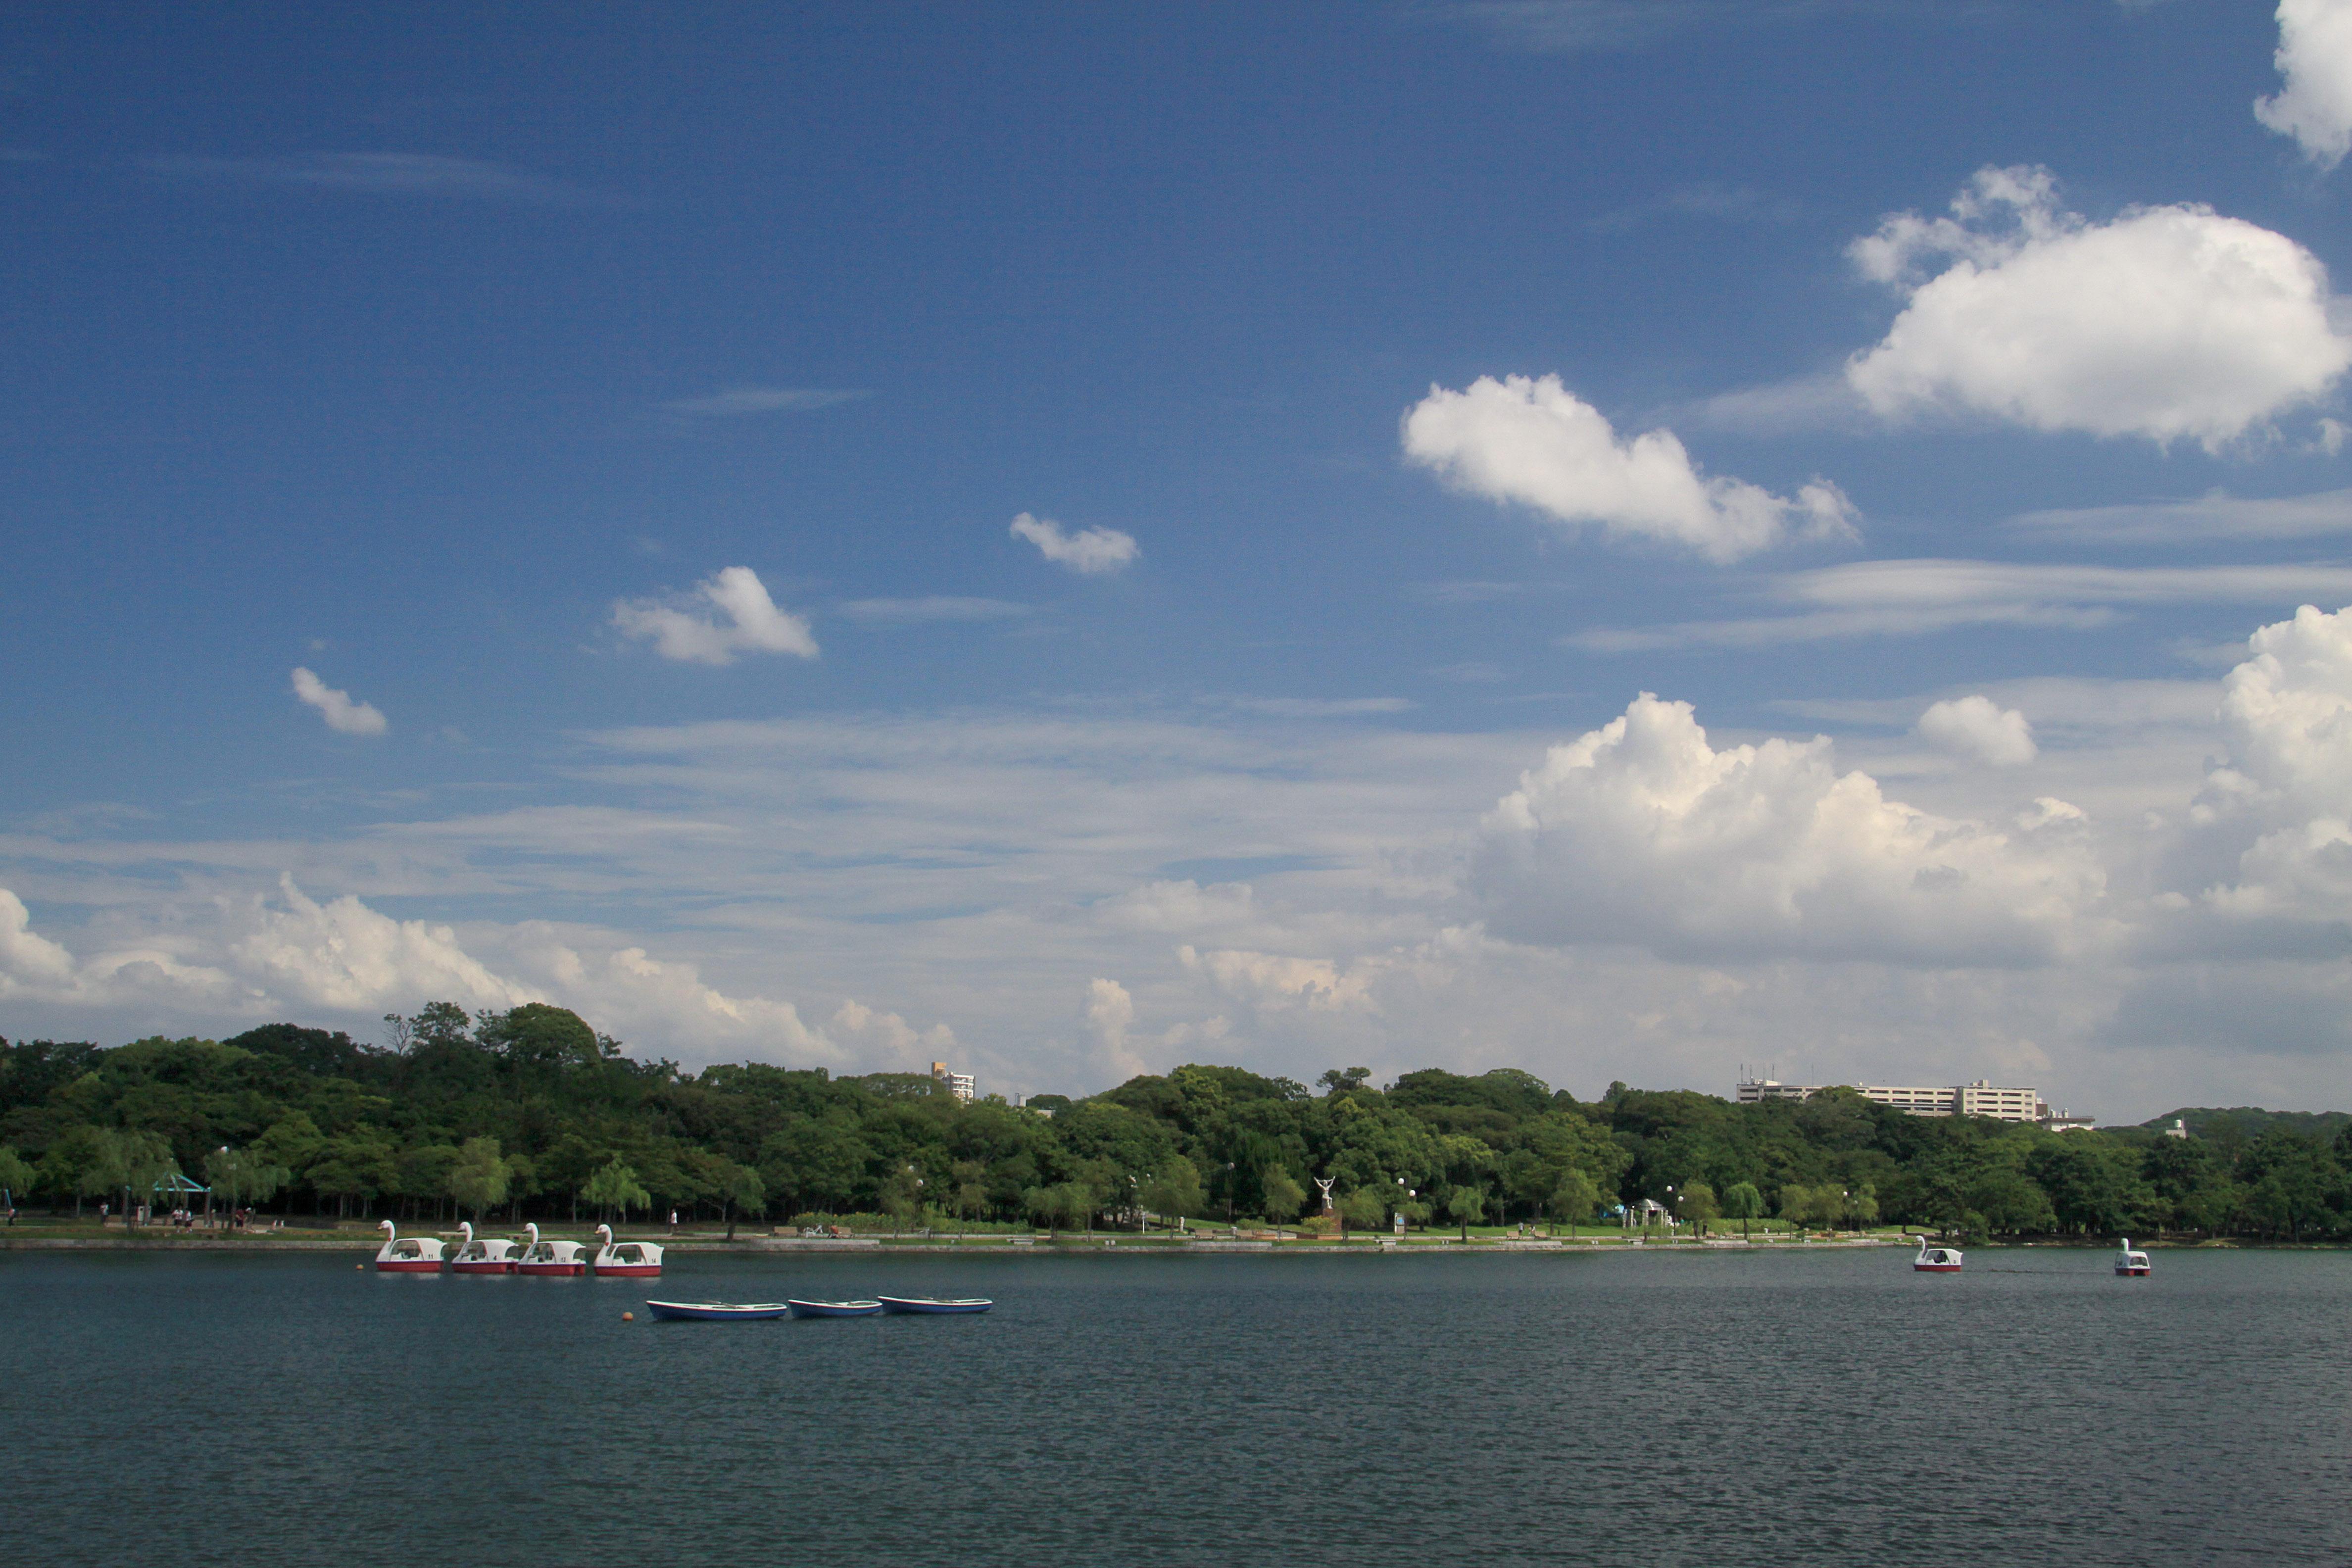 ボート遊びも楽しい大濠公園(2009)の画像